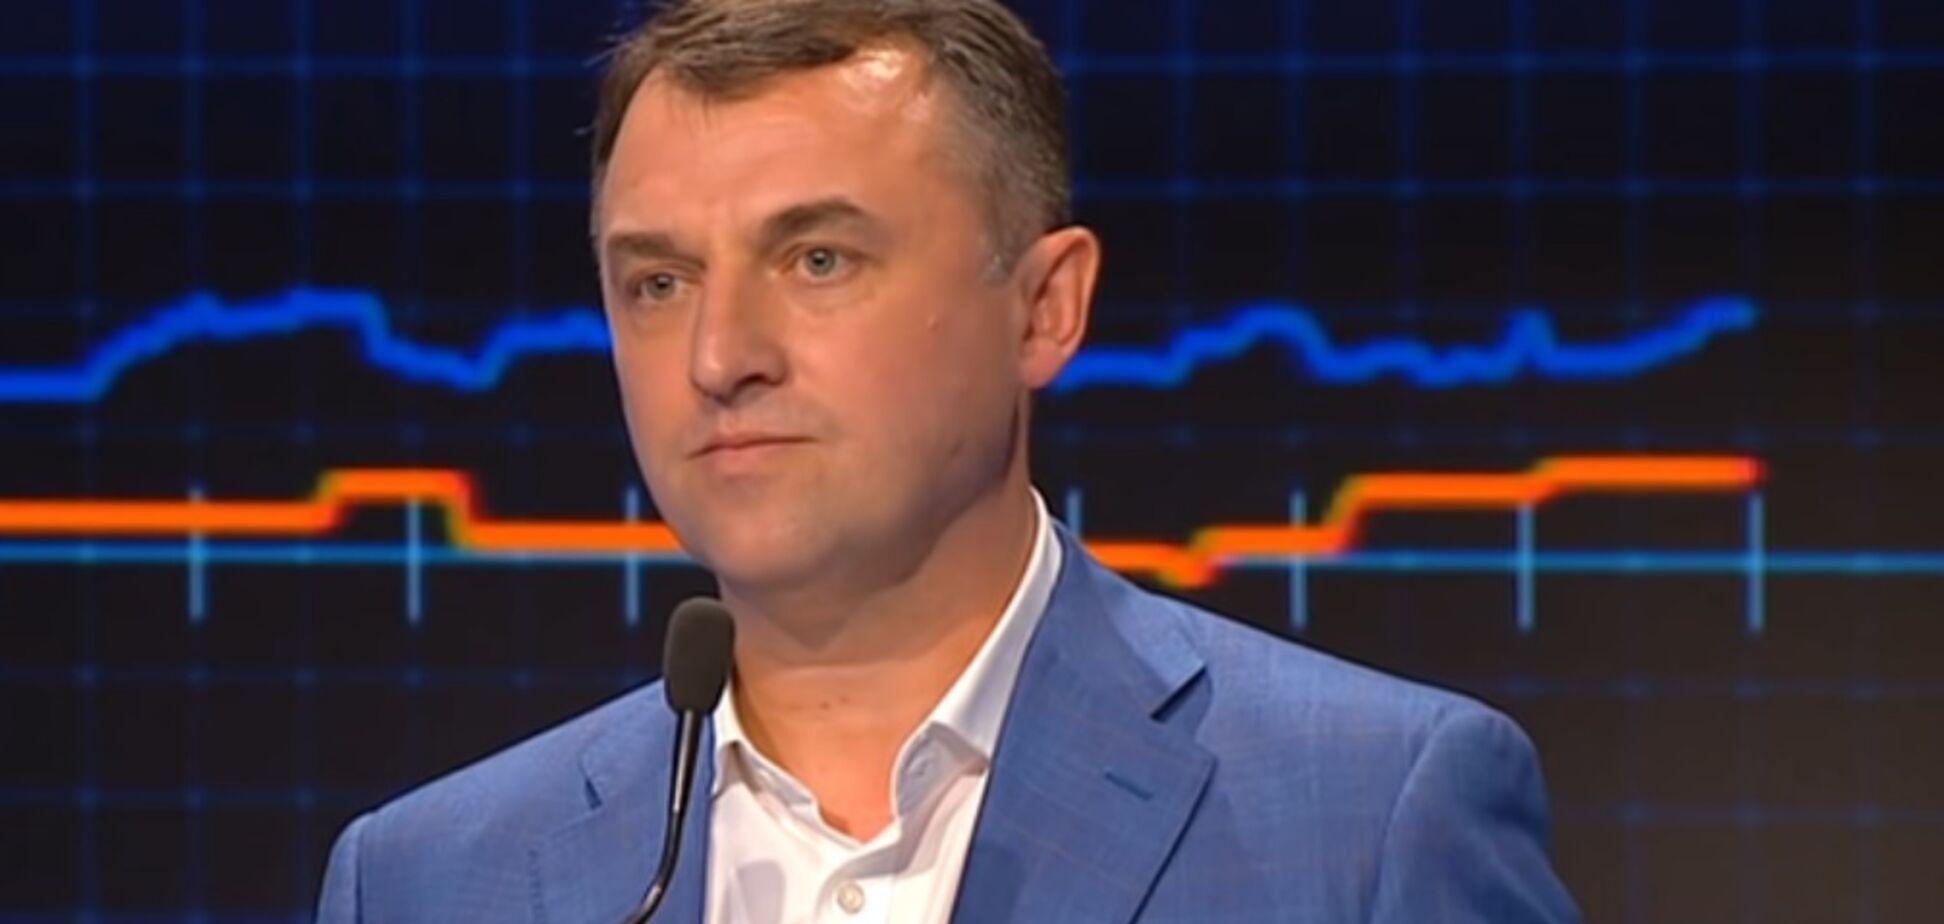 СБУ перевірить регулярні візити голови НКРЕКП Тарасюка до Росії, – Наливайченко